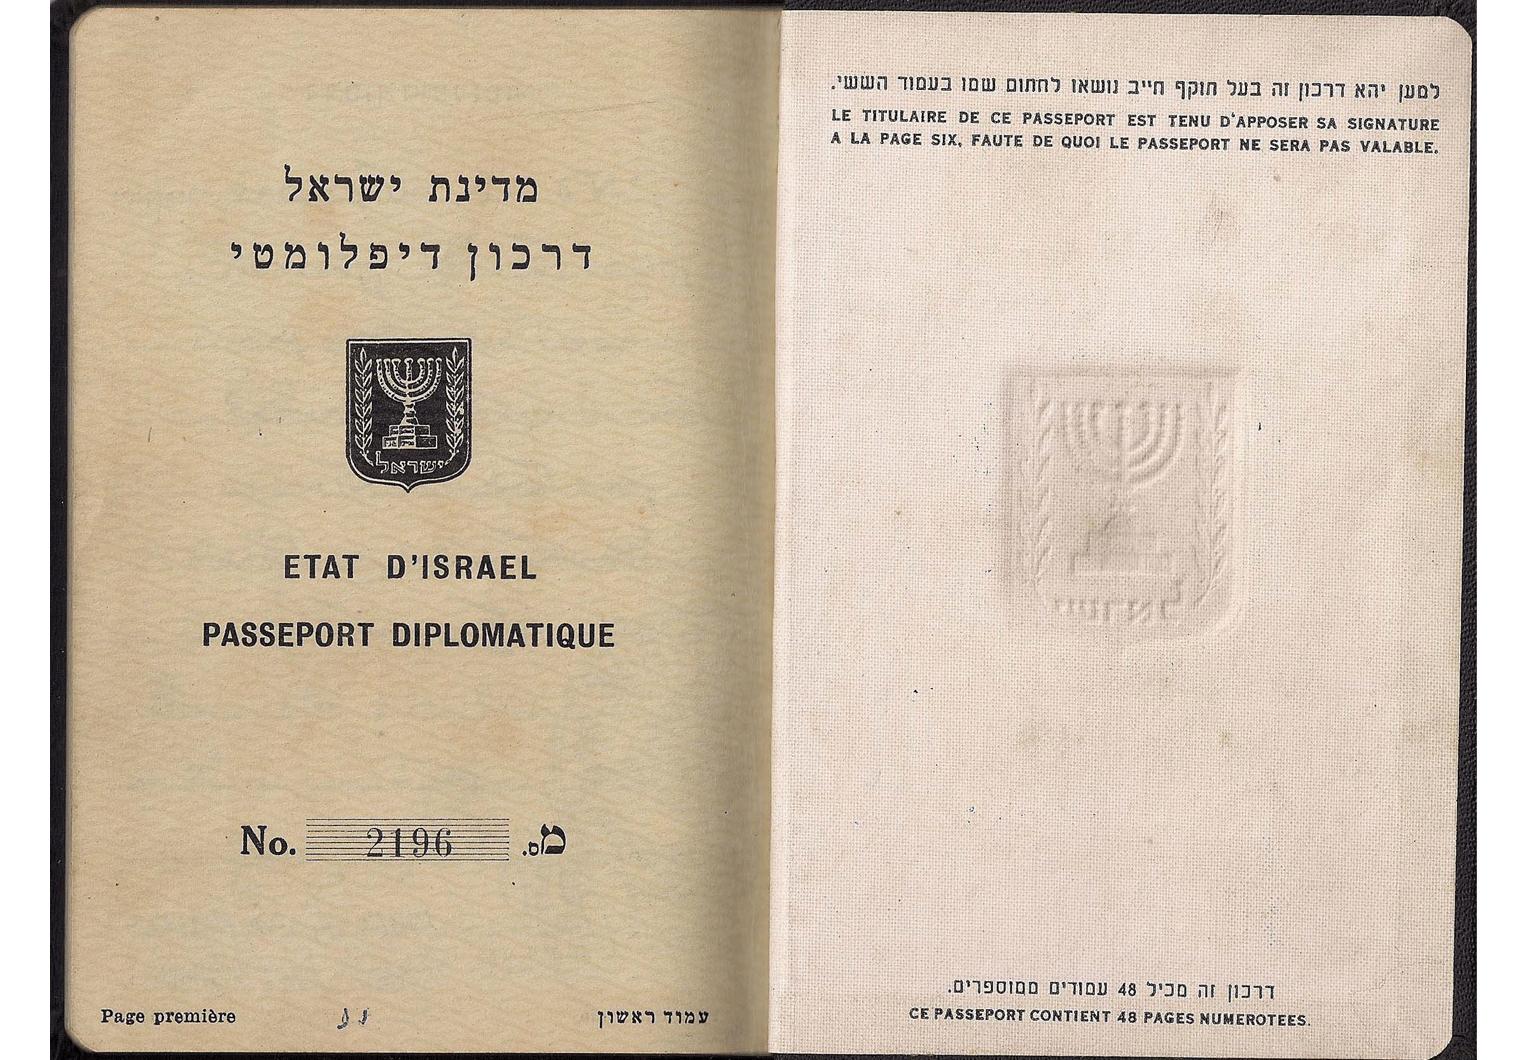 Israeli diplomatic passport